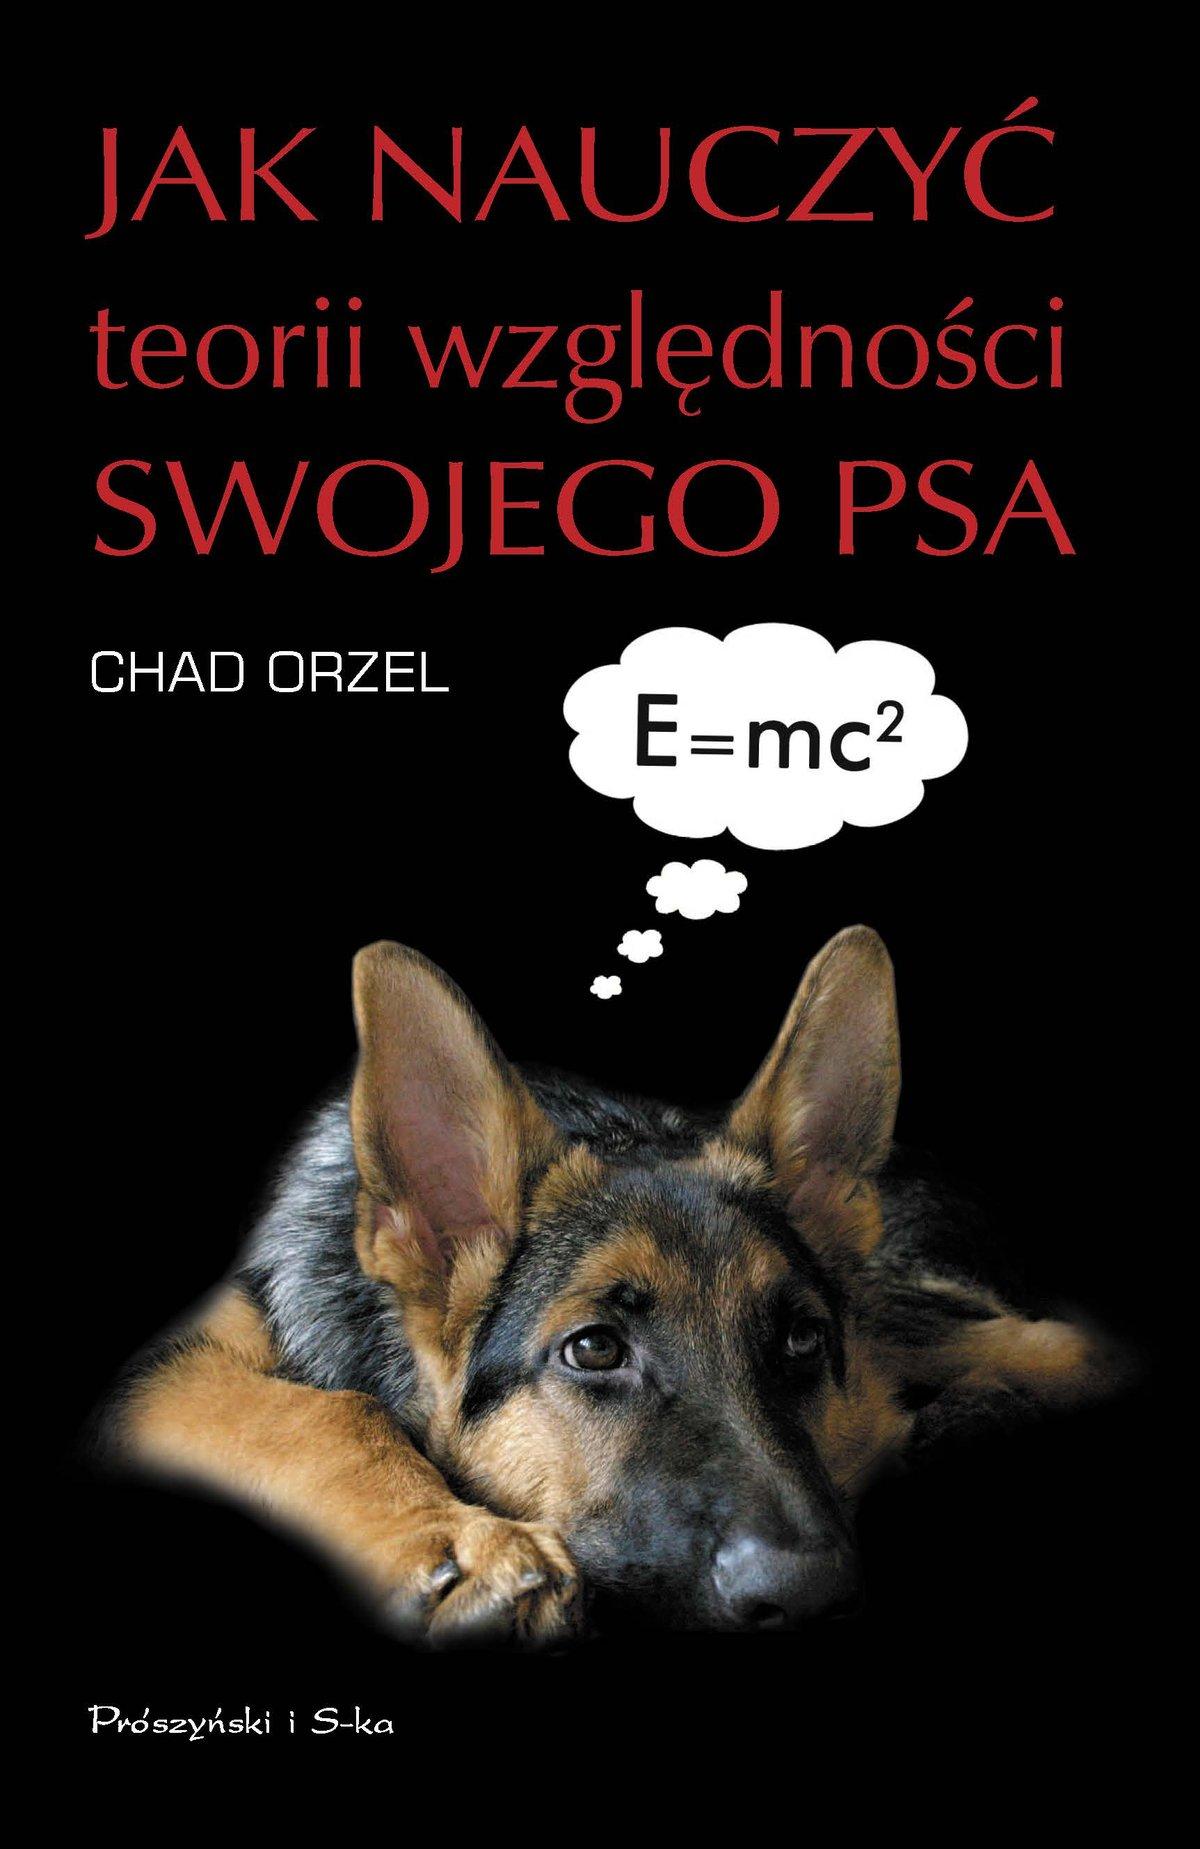 Jak nauczyć teorii względności swojego psa - Ebook (Książka EPUB) do pobrania w formacie EPUB